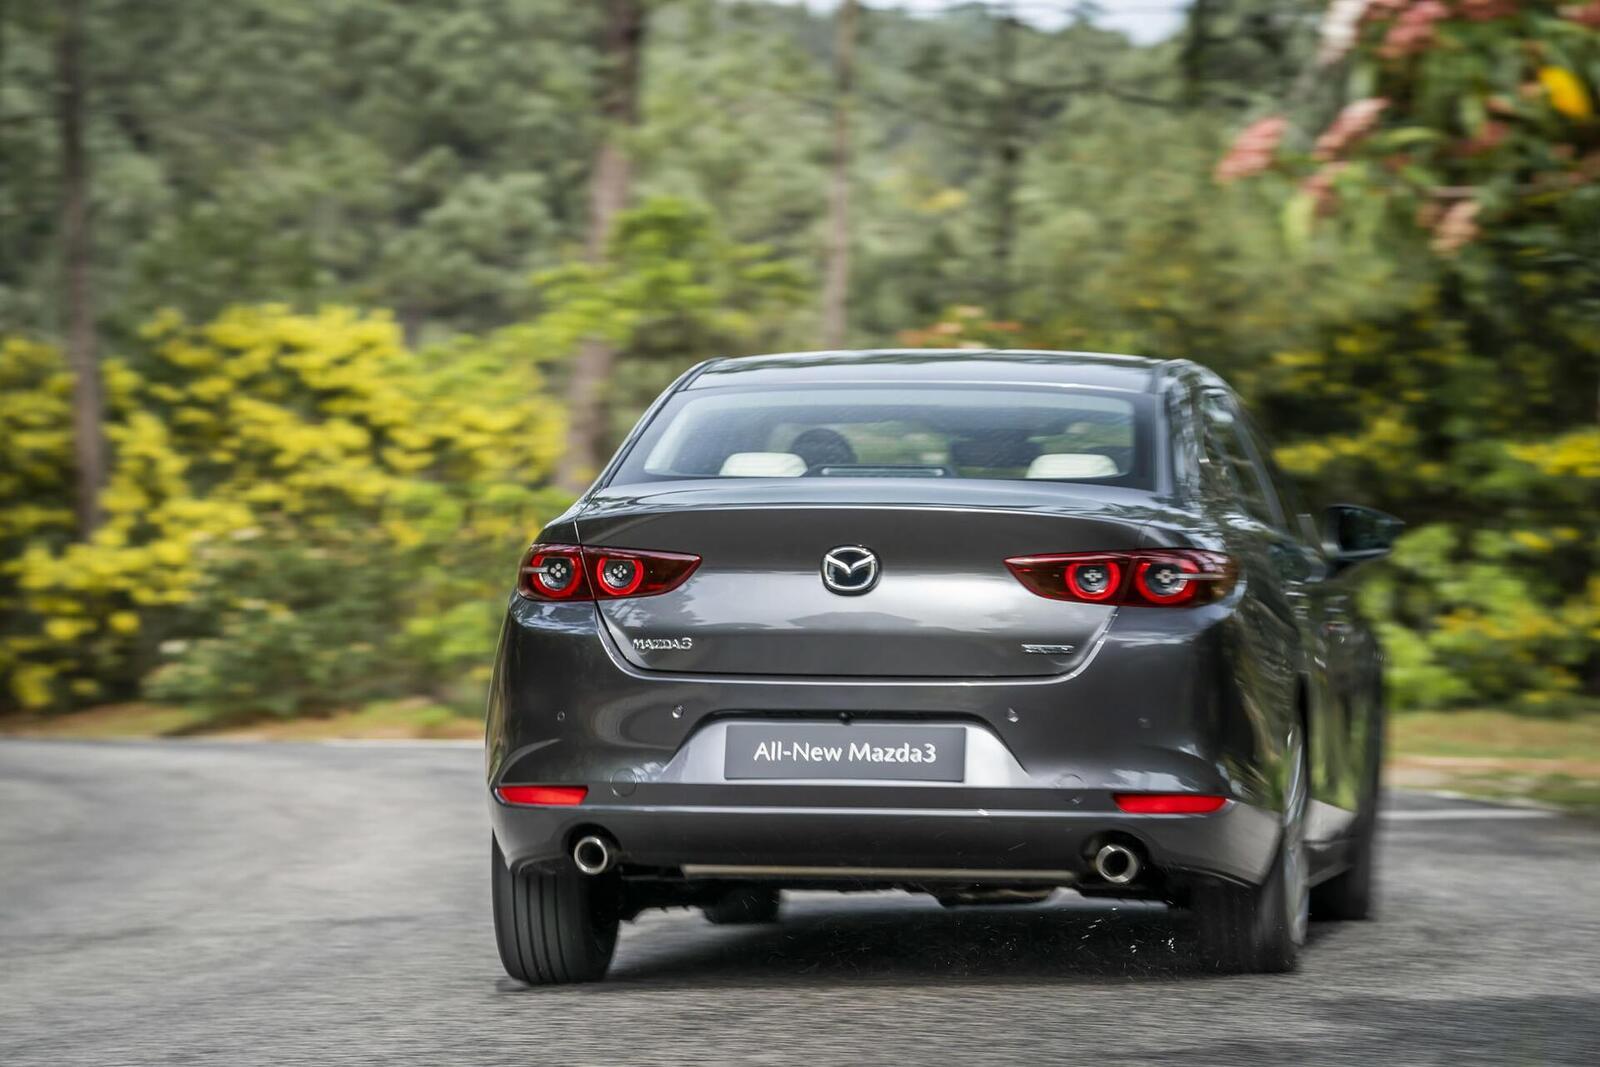 Mazda3 thế hệ mới chốt lịch ra mắt tại Malaysia vào tháng sau; giá dự kiến từ 764 triệu đồng - Hình 5